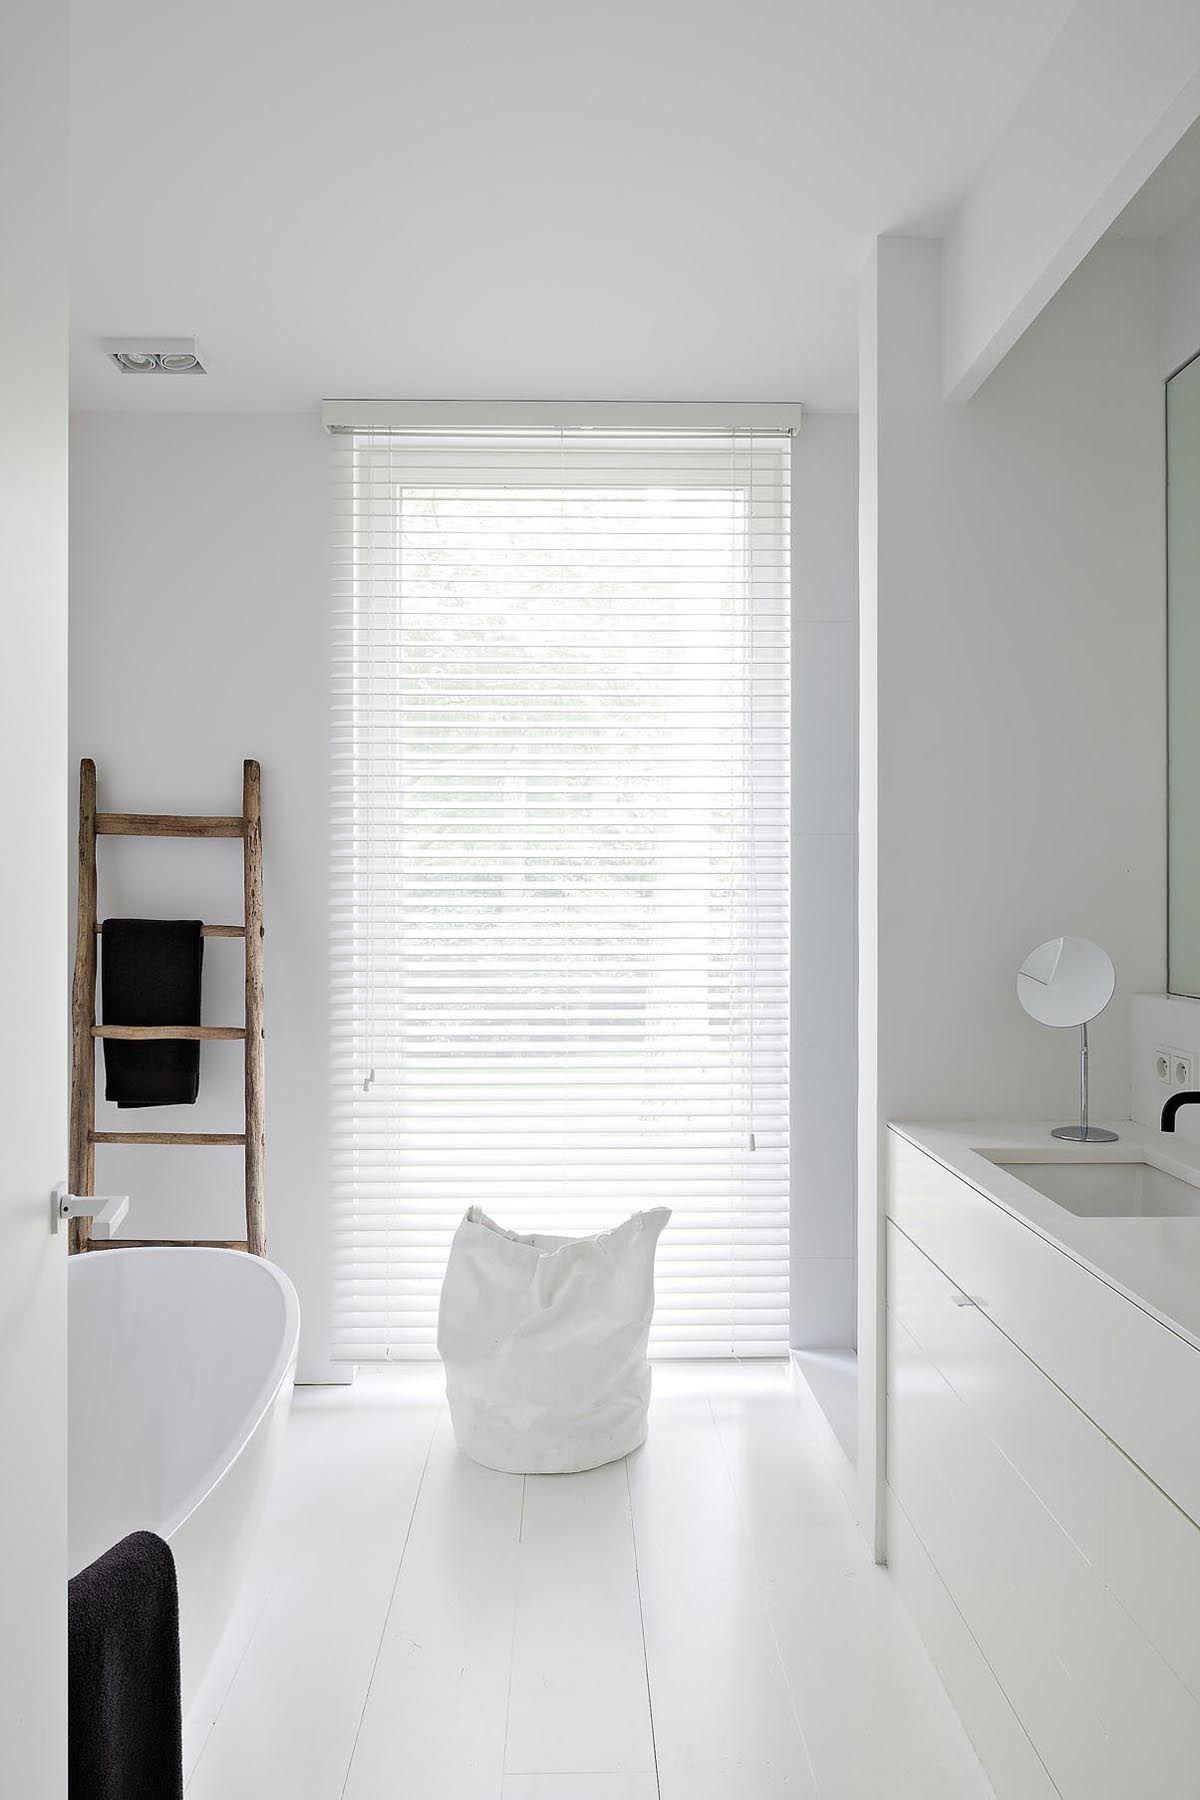 Wohndesign interieur badezimmer pin von all over the place auf interior  bathroom  pinterest